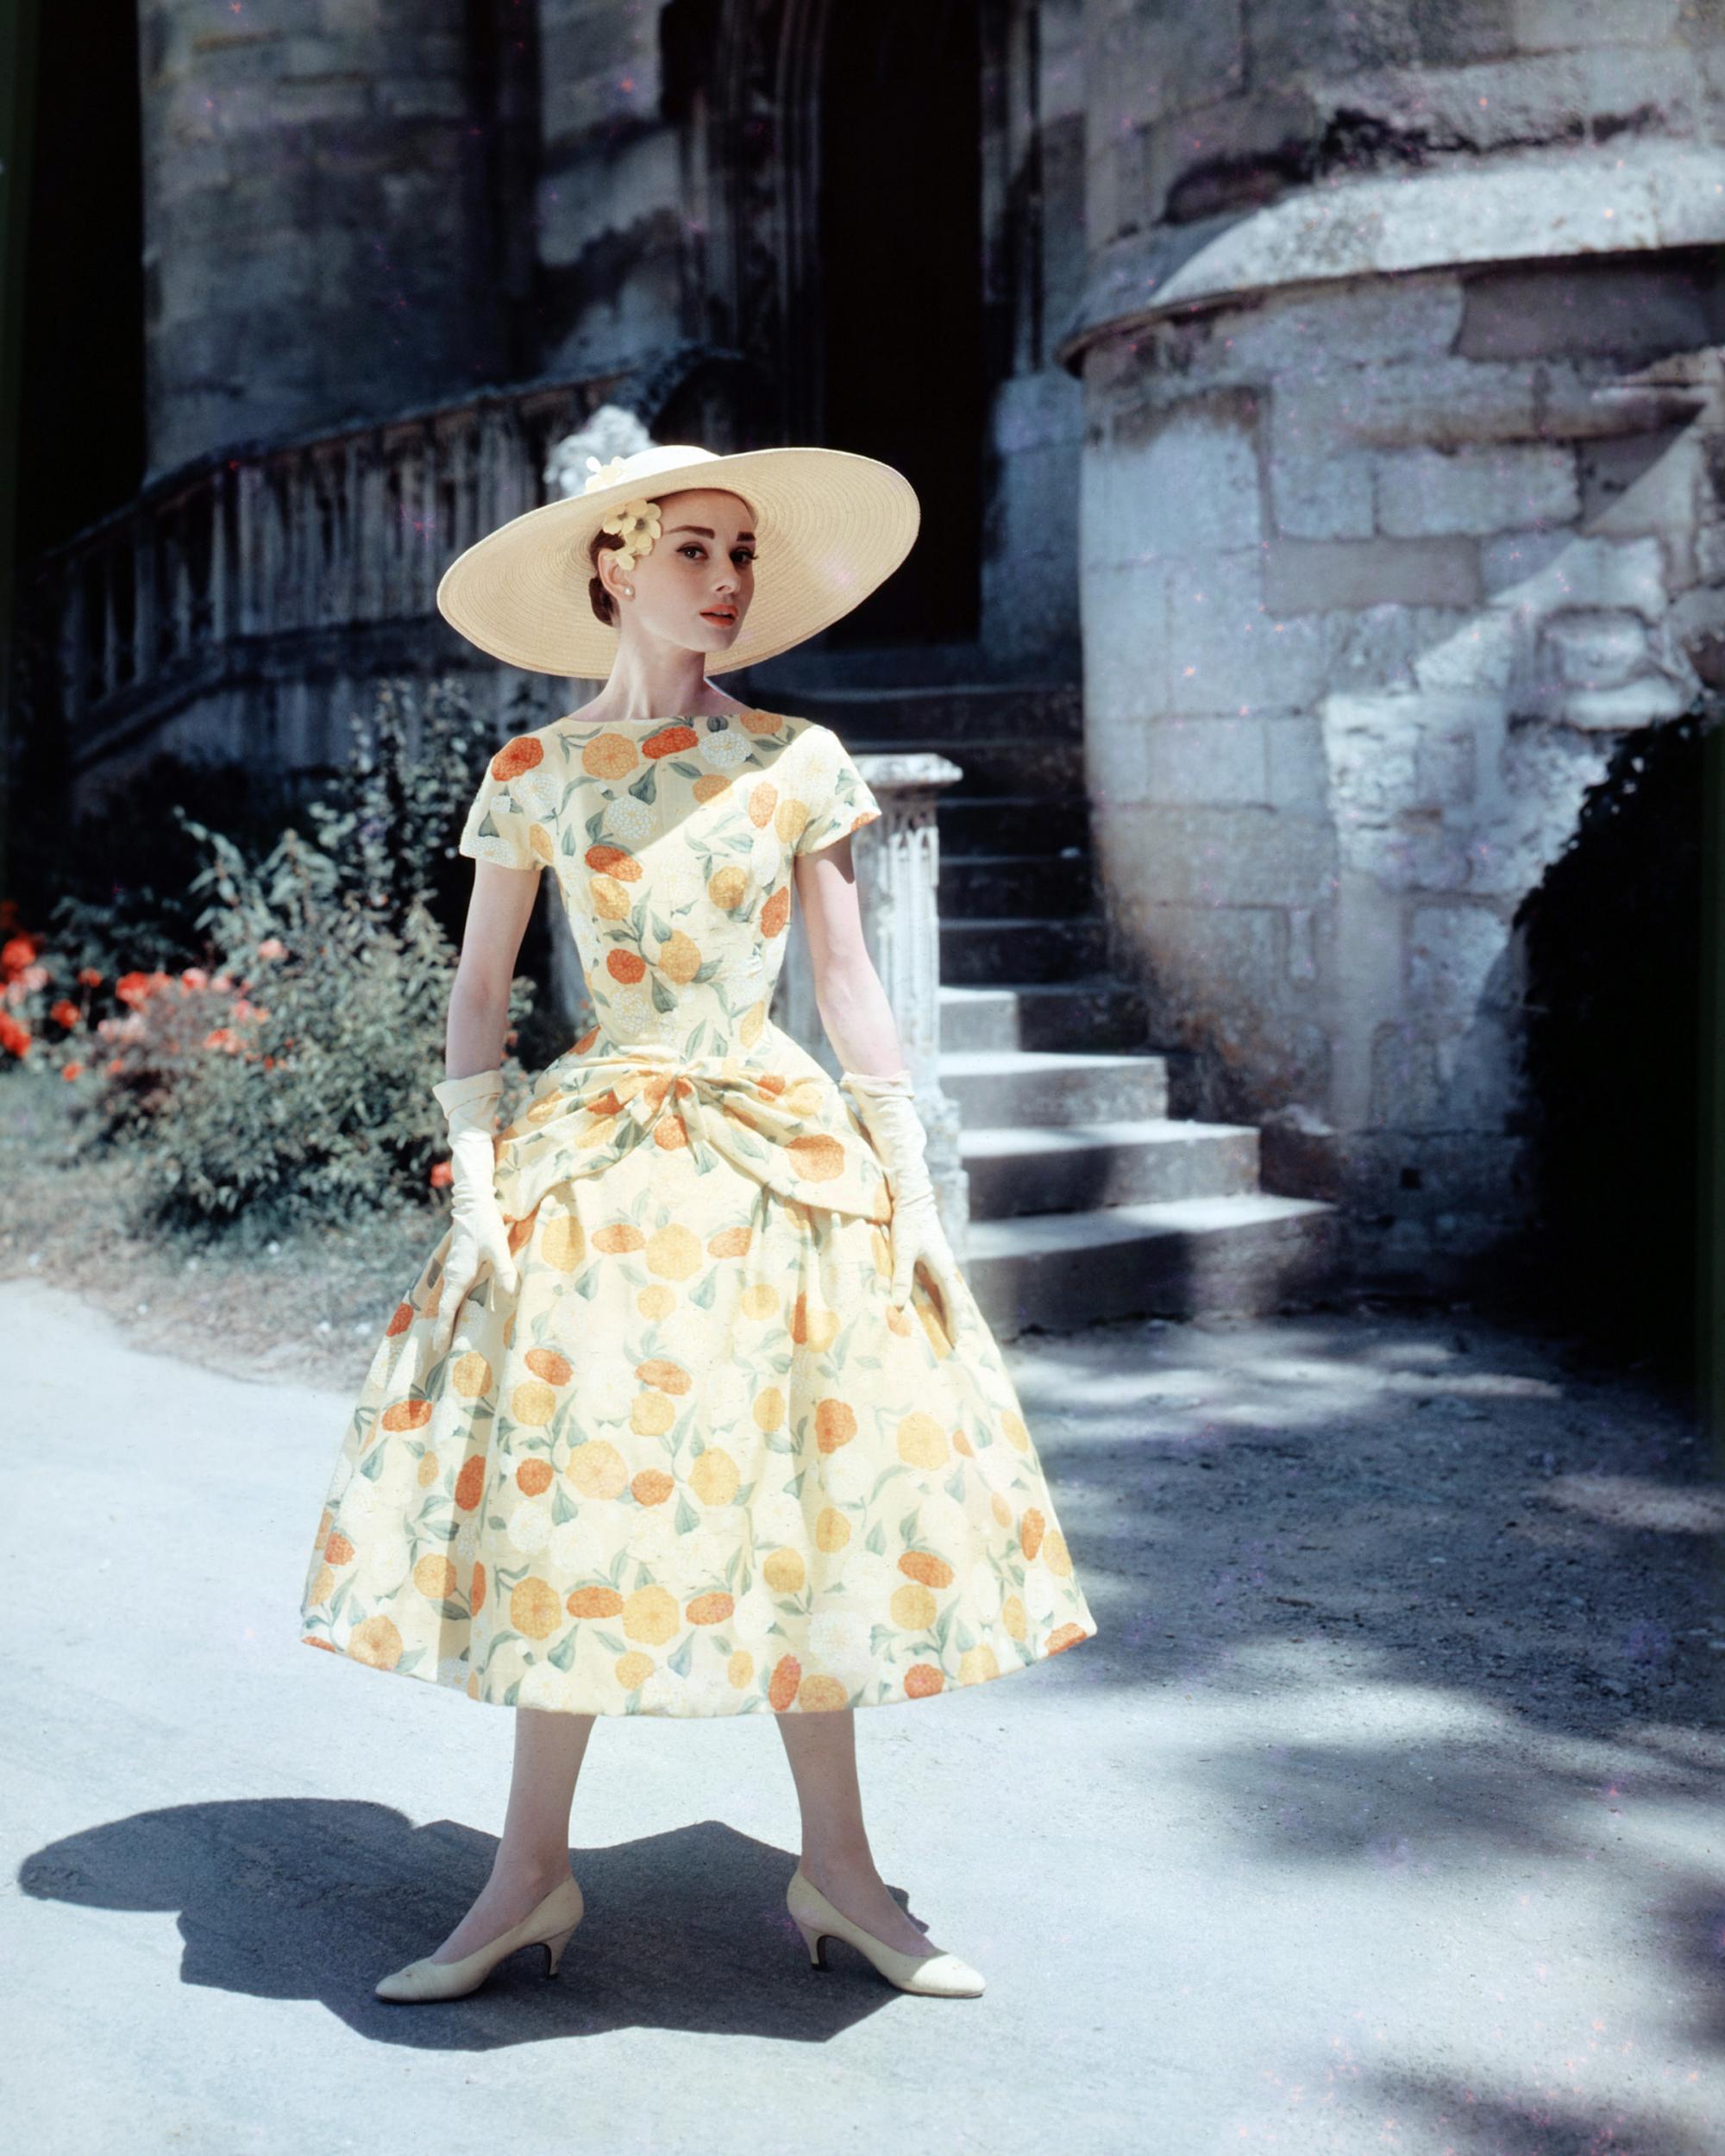 Thời trang Hè - Audrey Hepburn mặc đầm xòe in hoa và đội mũ cói rộng vành